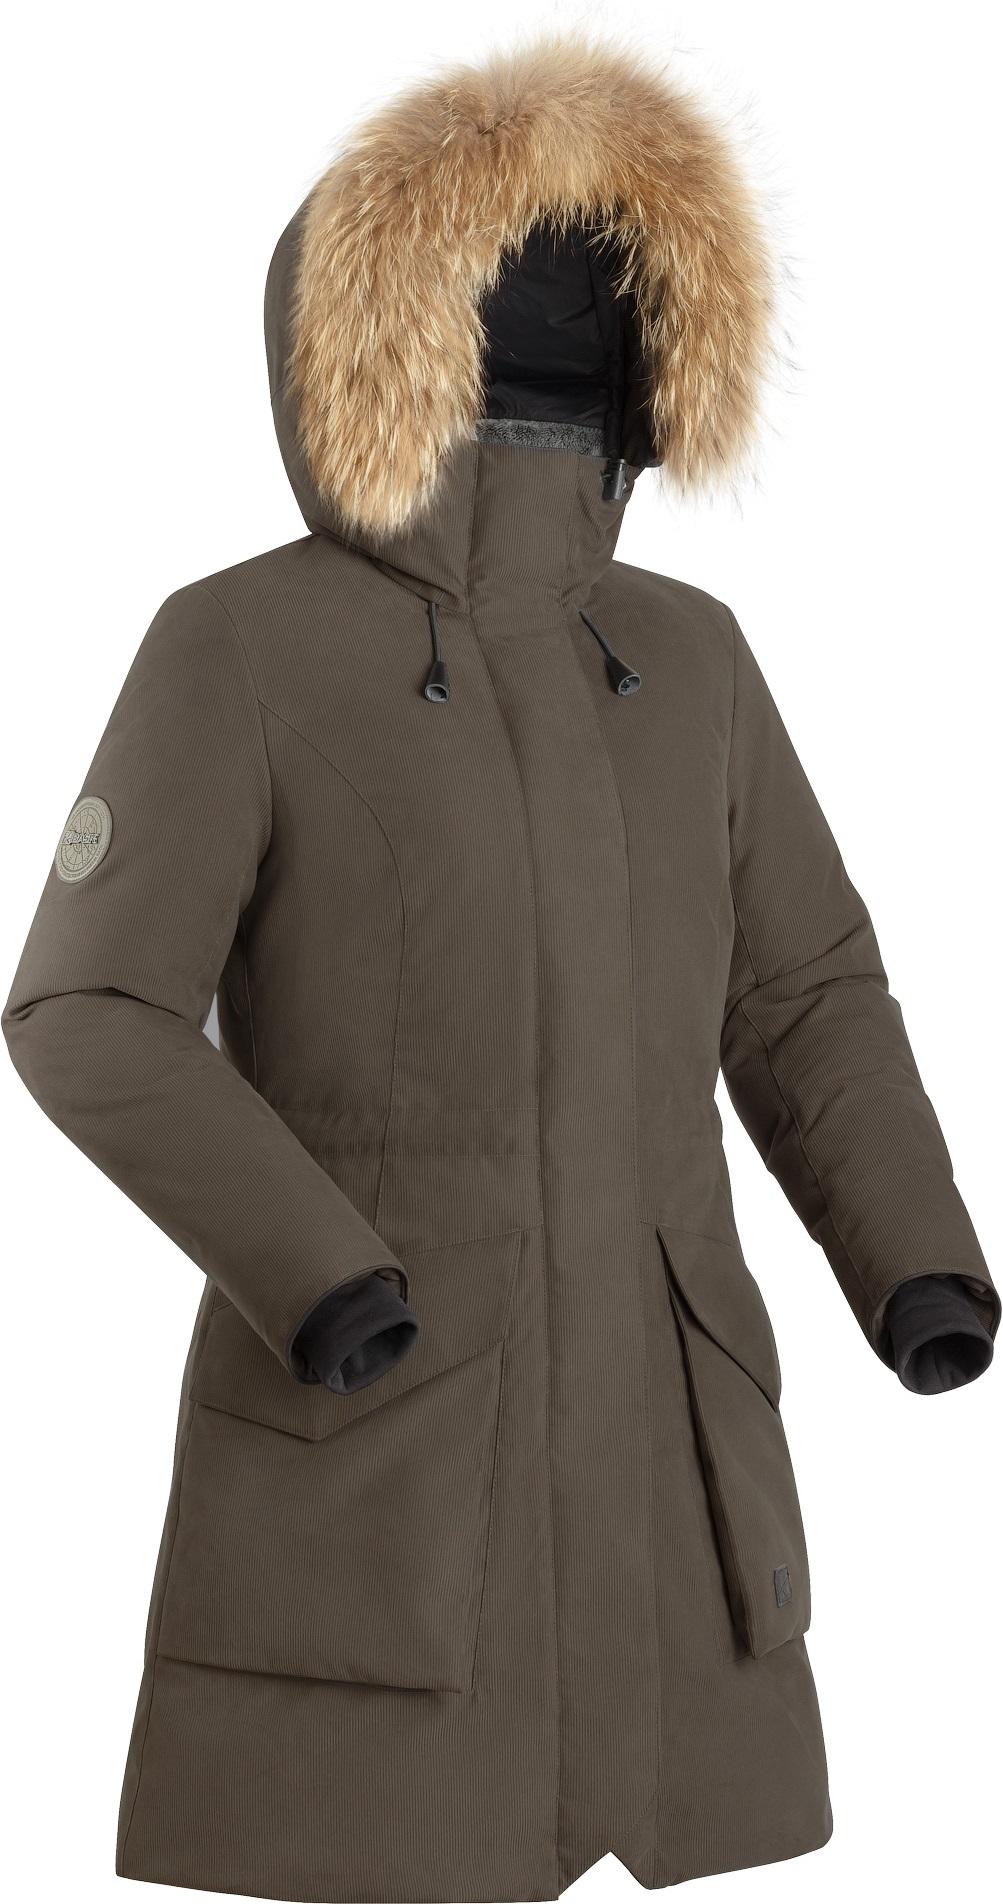 Пальто пуховое женское BASK VISHERA ЛАТТЕ, Пальто - арт. 1132480409